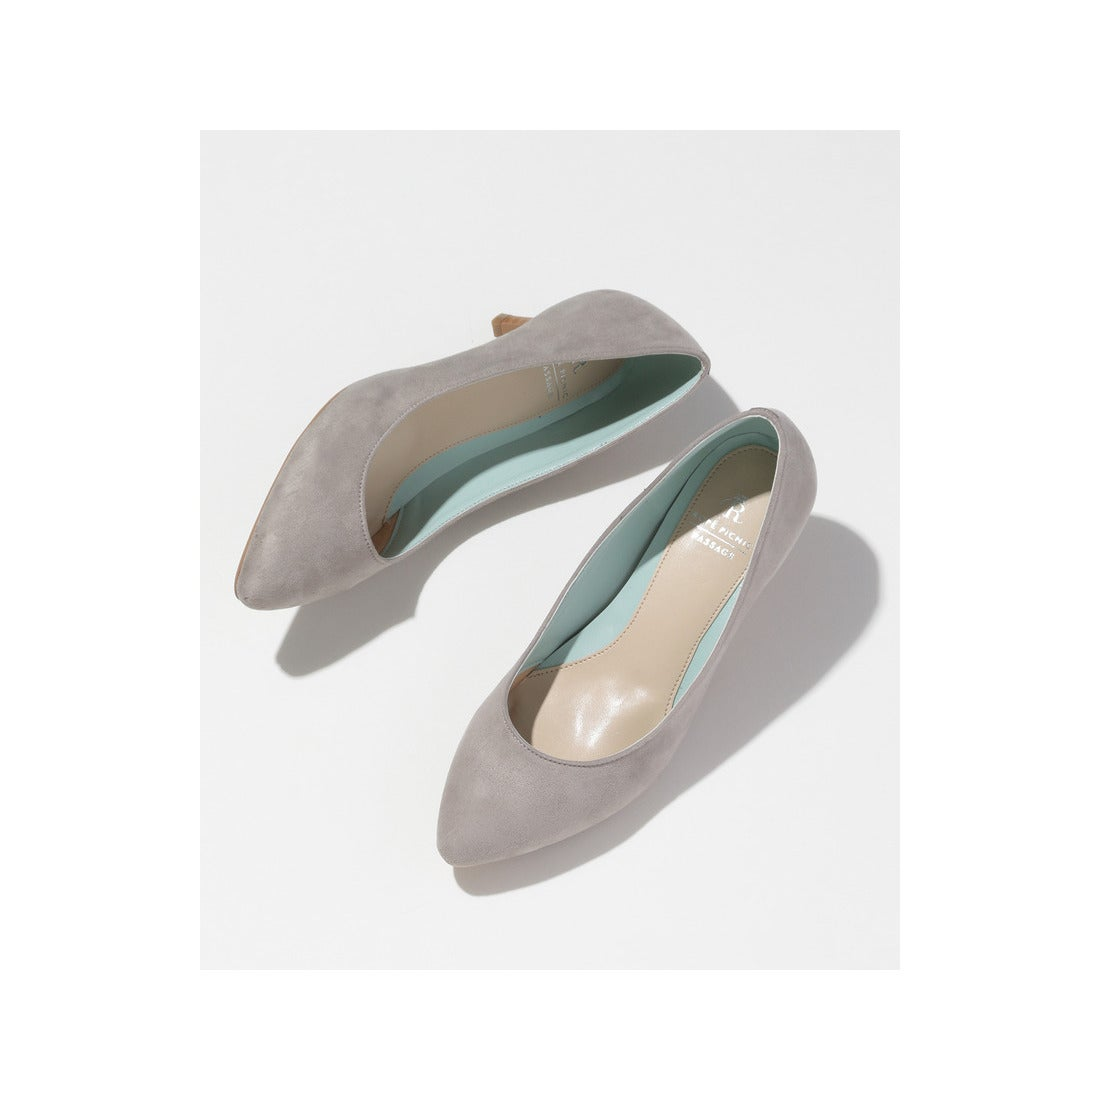 ロコンド 靴とファッションの通販サイトROPE PICNIC PASSAGE 【新色追加!】【WEB限定カラー】カラーコンビプレーンパンプス(ライトグレー(08))【返品不可商品】